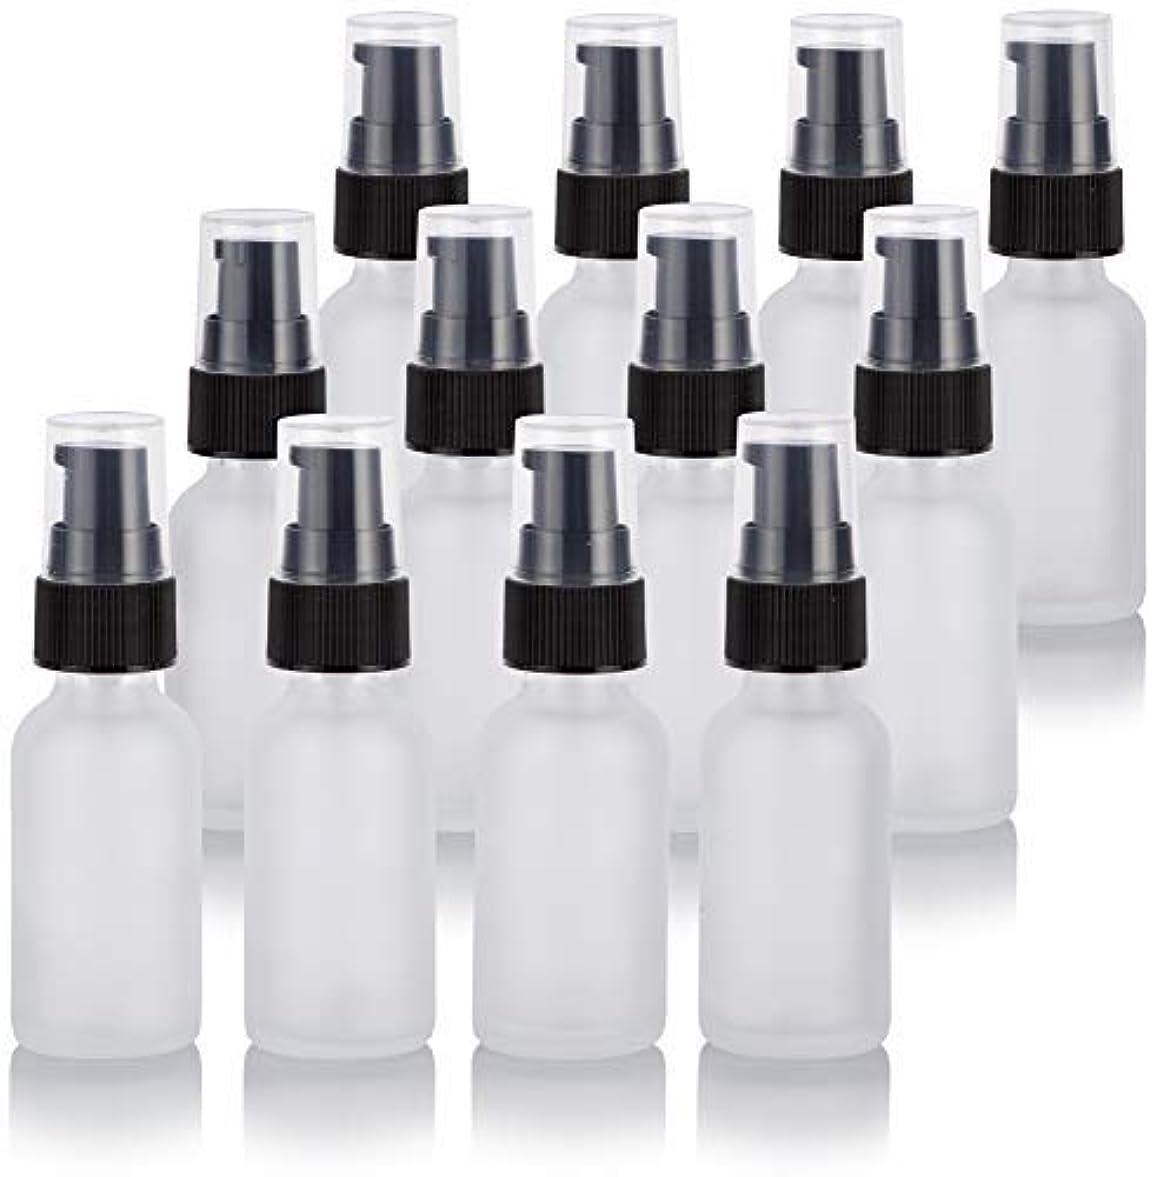 鉛筆に対してビヨン1 oz Frosted Clear Glass Boston Round Treatment Pump Bottle (12 Pack) + Funnel for Cosmetics, serums, Essential...